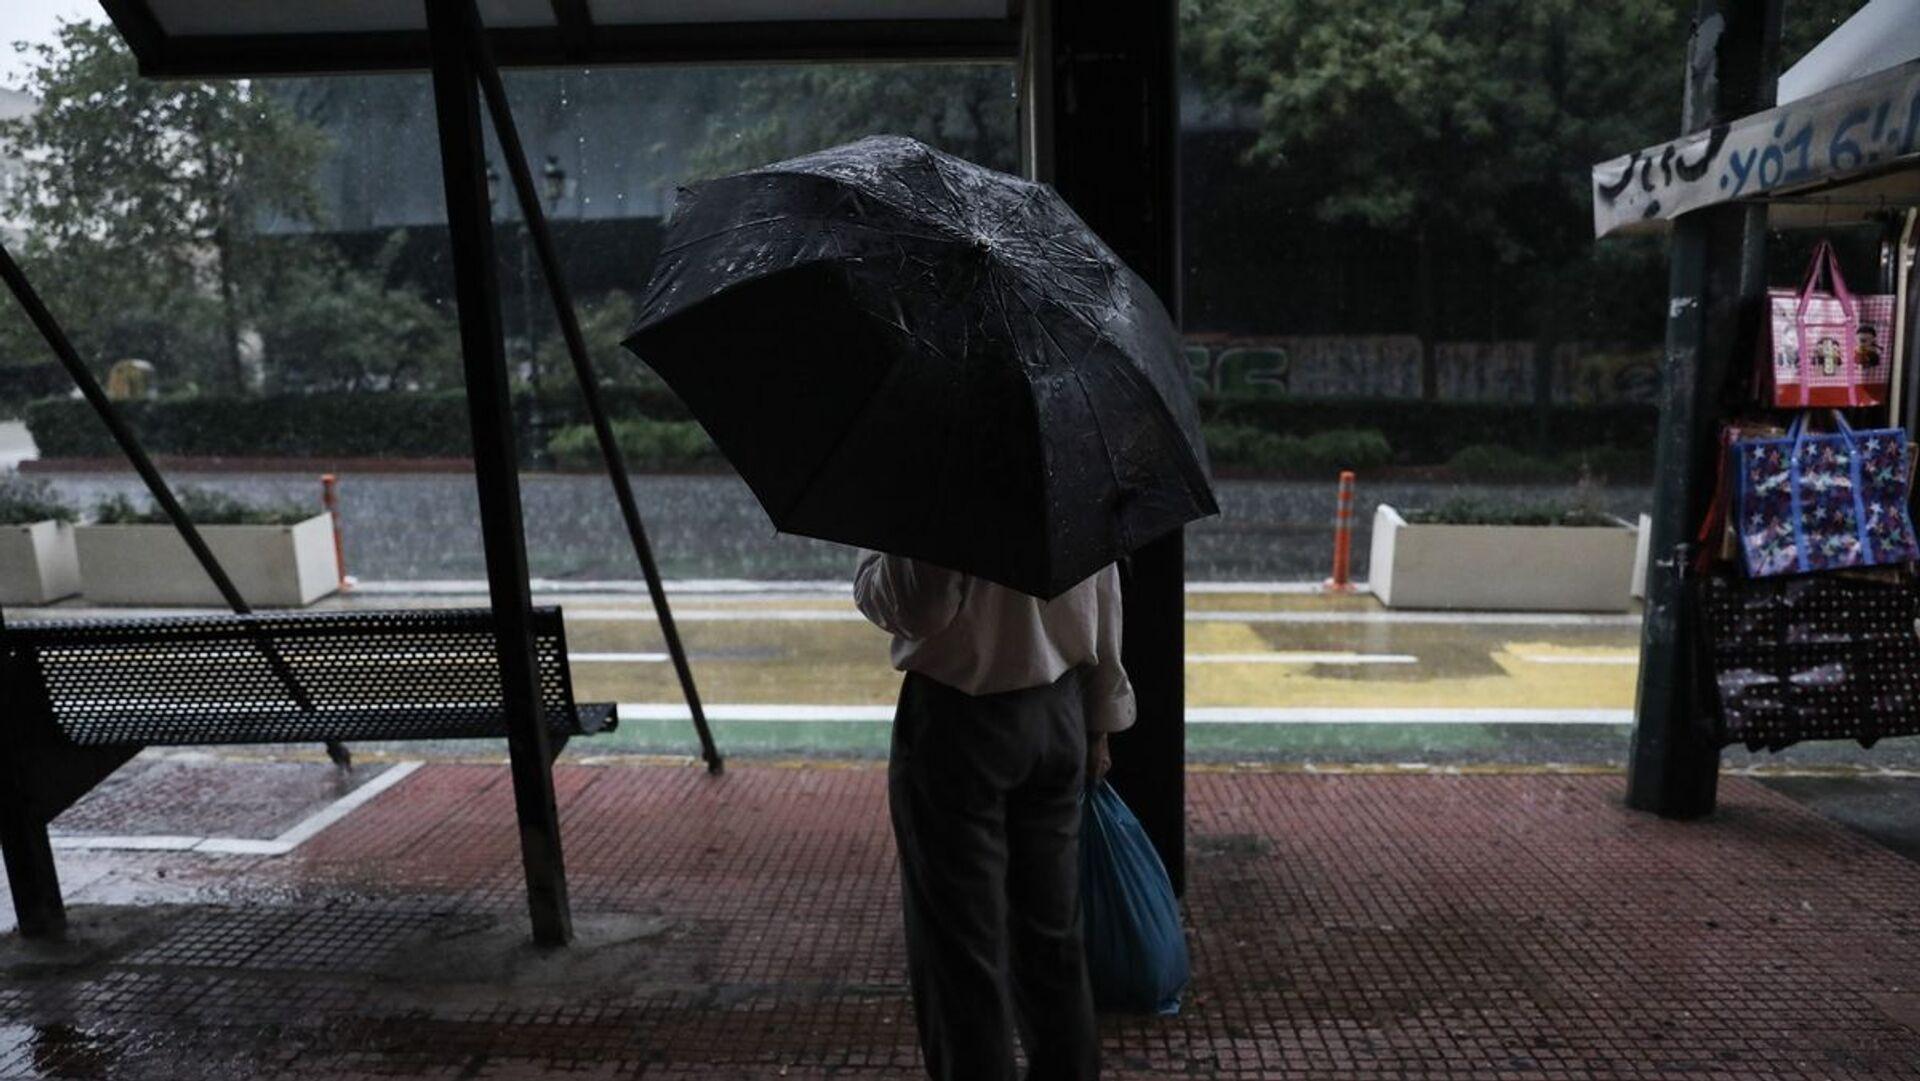 Βροχή στην Αθήνα - Sputnik Ελλάδα, 1920, 08.10.2021